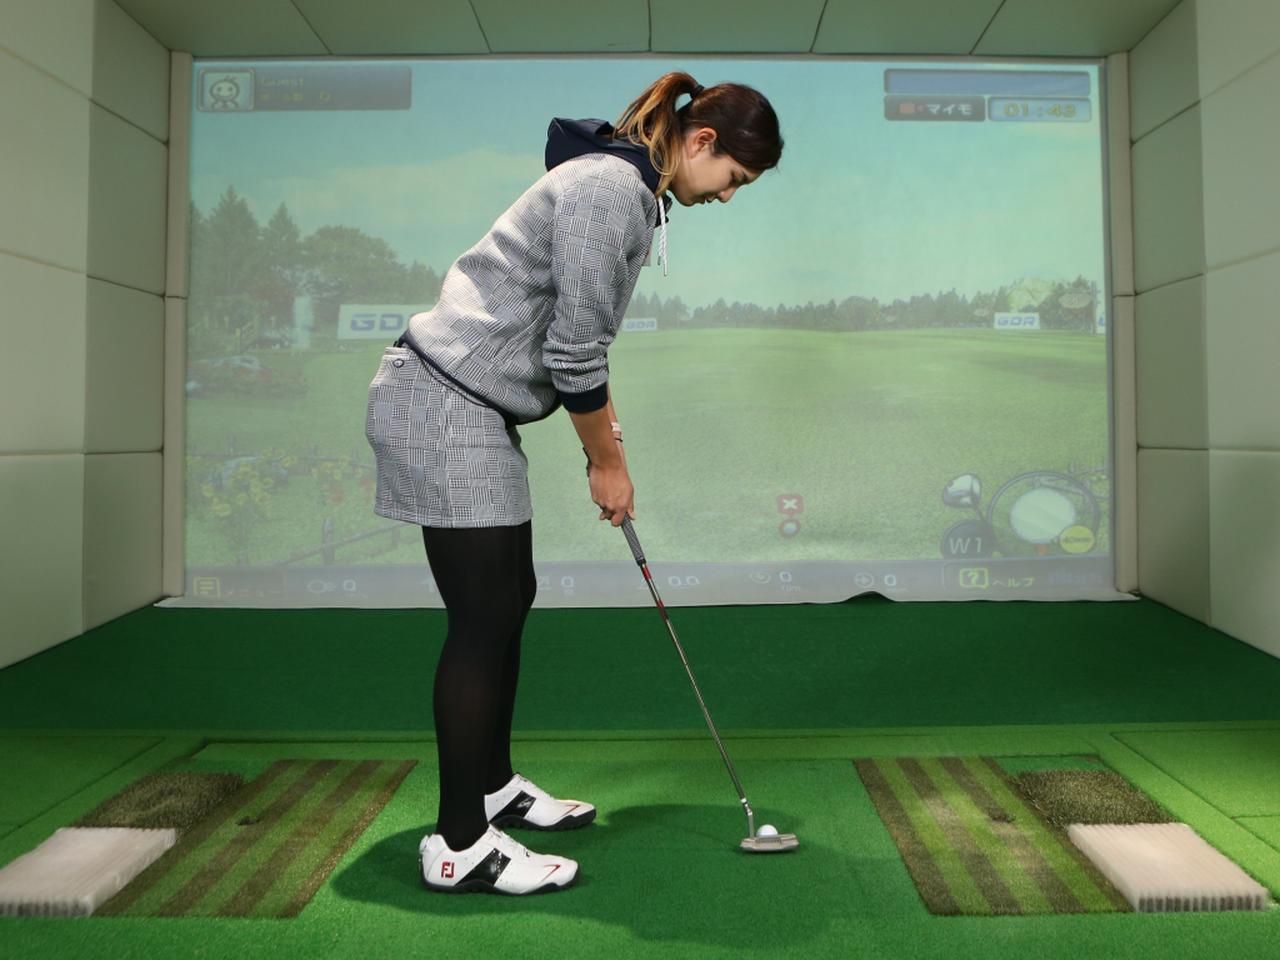 画像: ボールは目の真下に置こう。ボールやパターヘッドを真上から見ることで、直線的な動きがイメージしやすいという